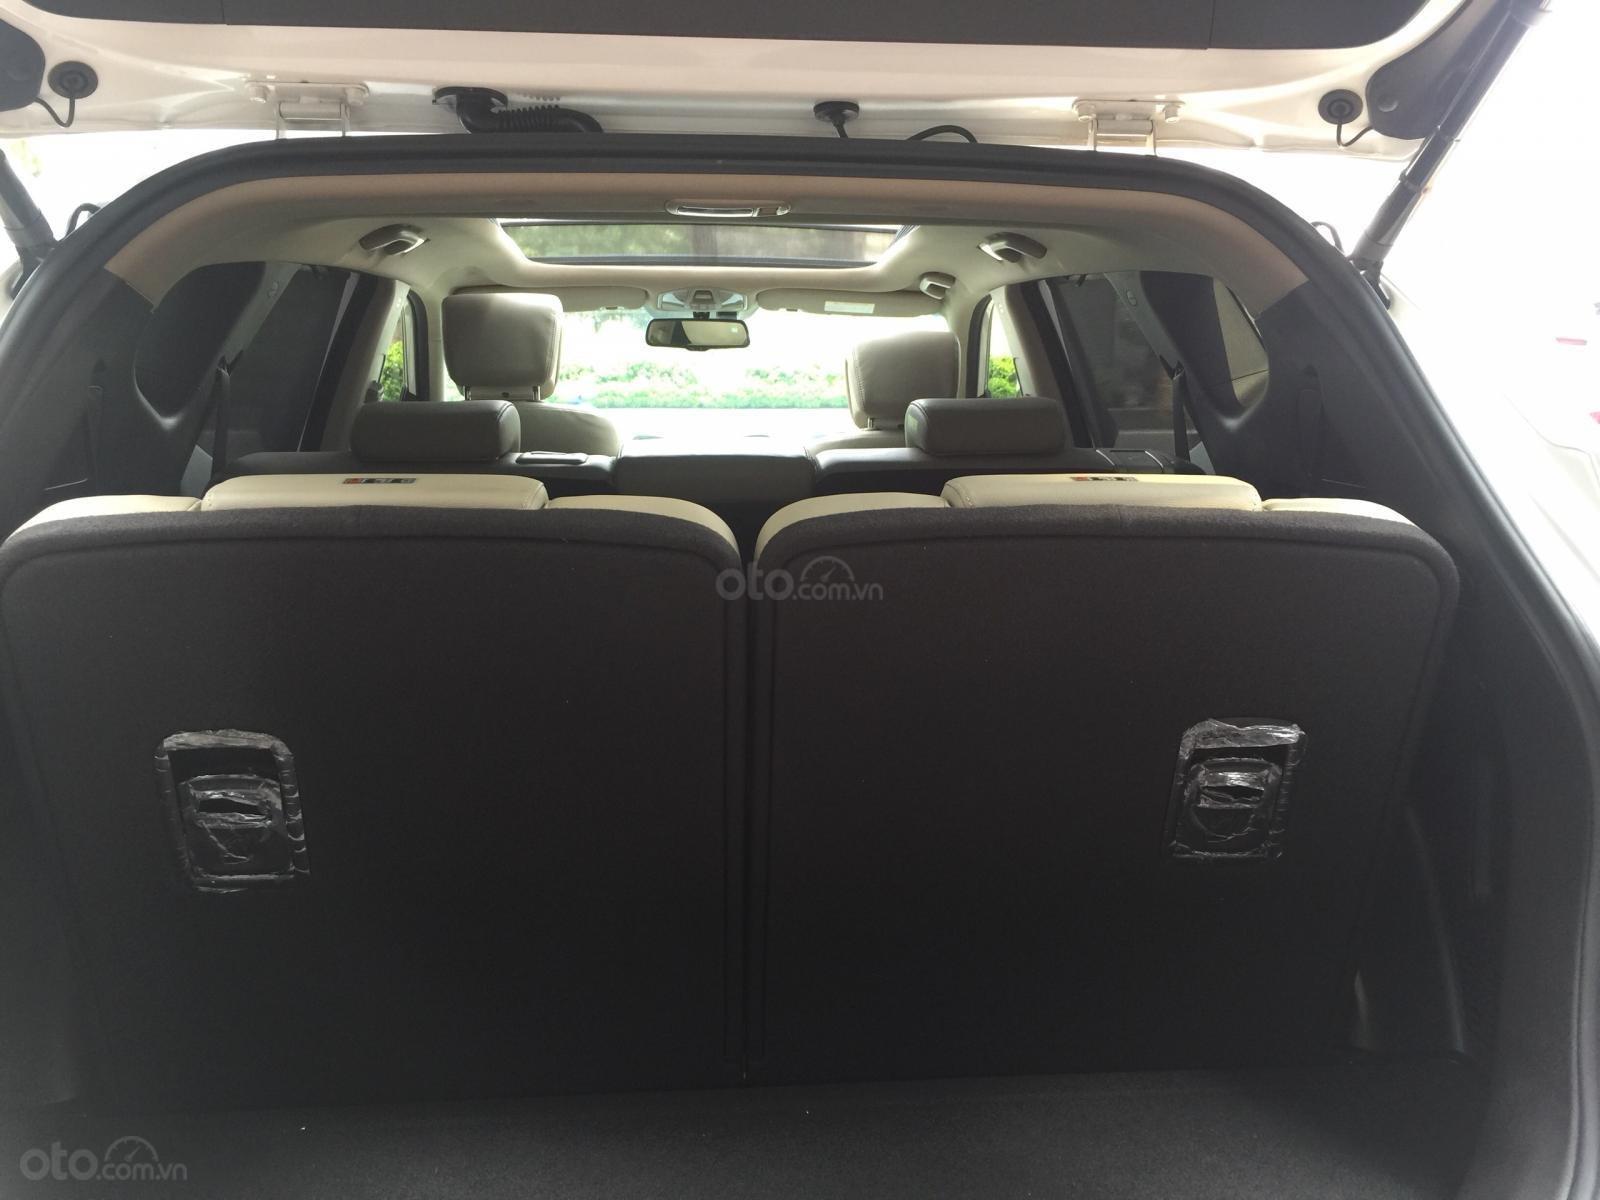 Bán xe Hyundai Santa Fe 2.2 4WD năm 2017, màu trắng (8)